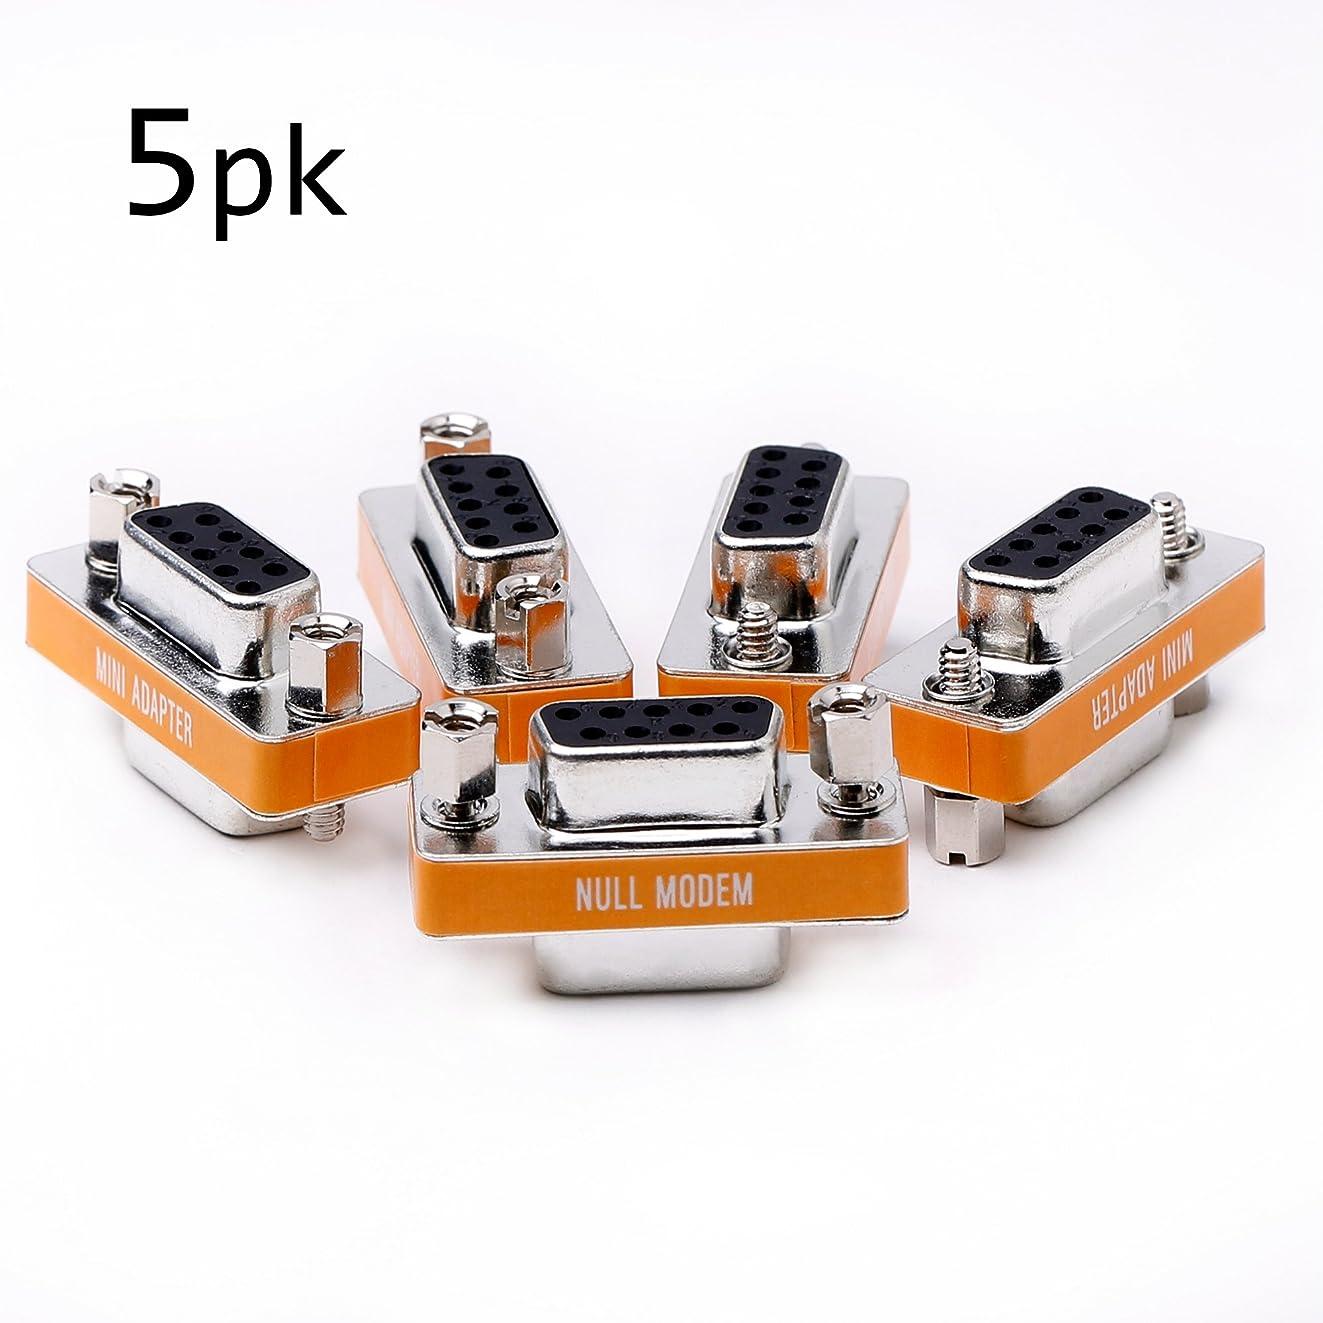 DB9 null modem female to female slimline data transfer serial port adapter 5 Pack